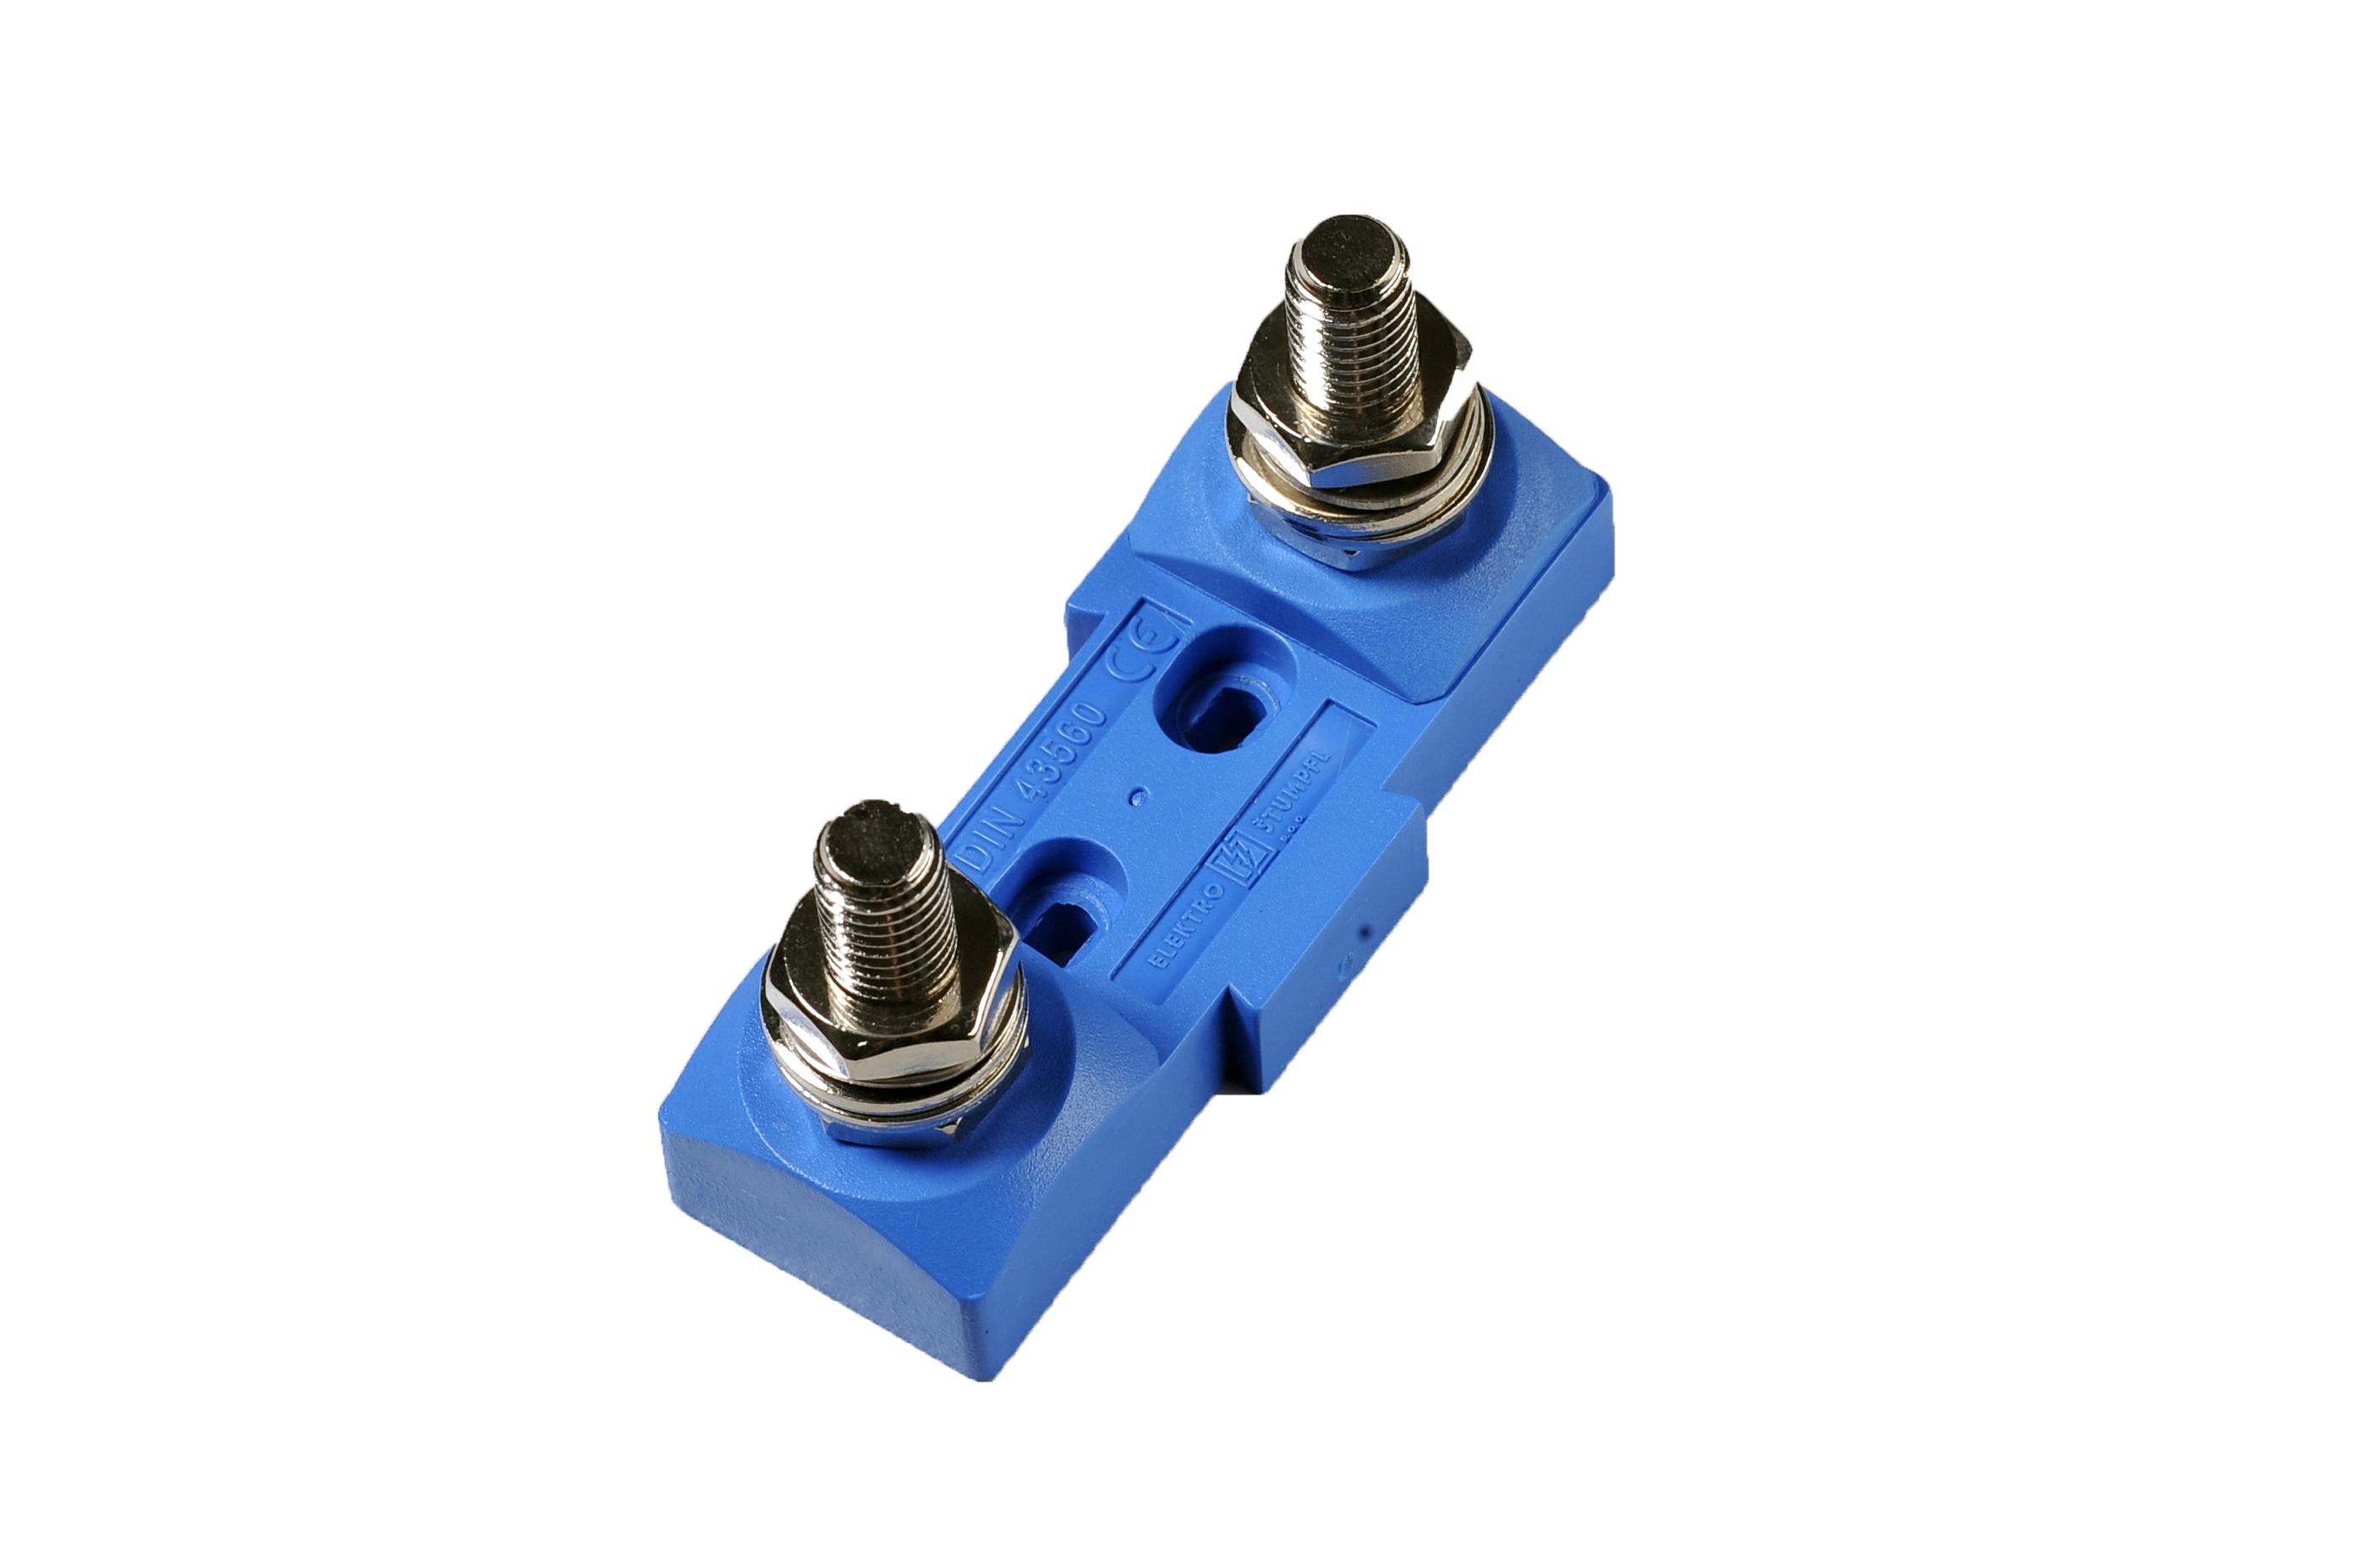 1 Stk Sicherungshalter PVBP1001--